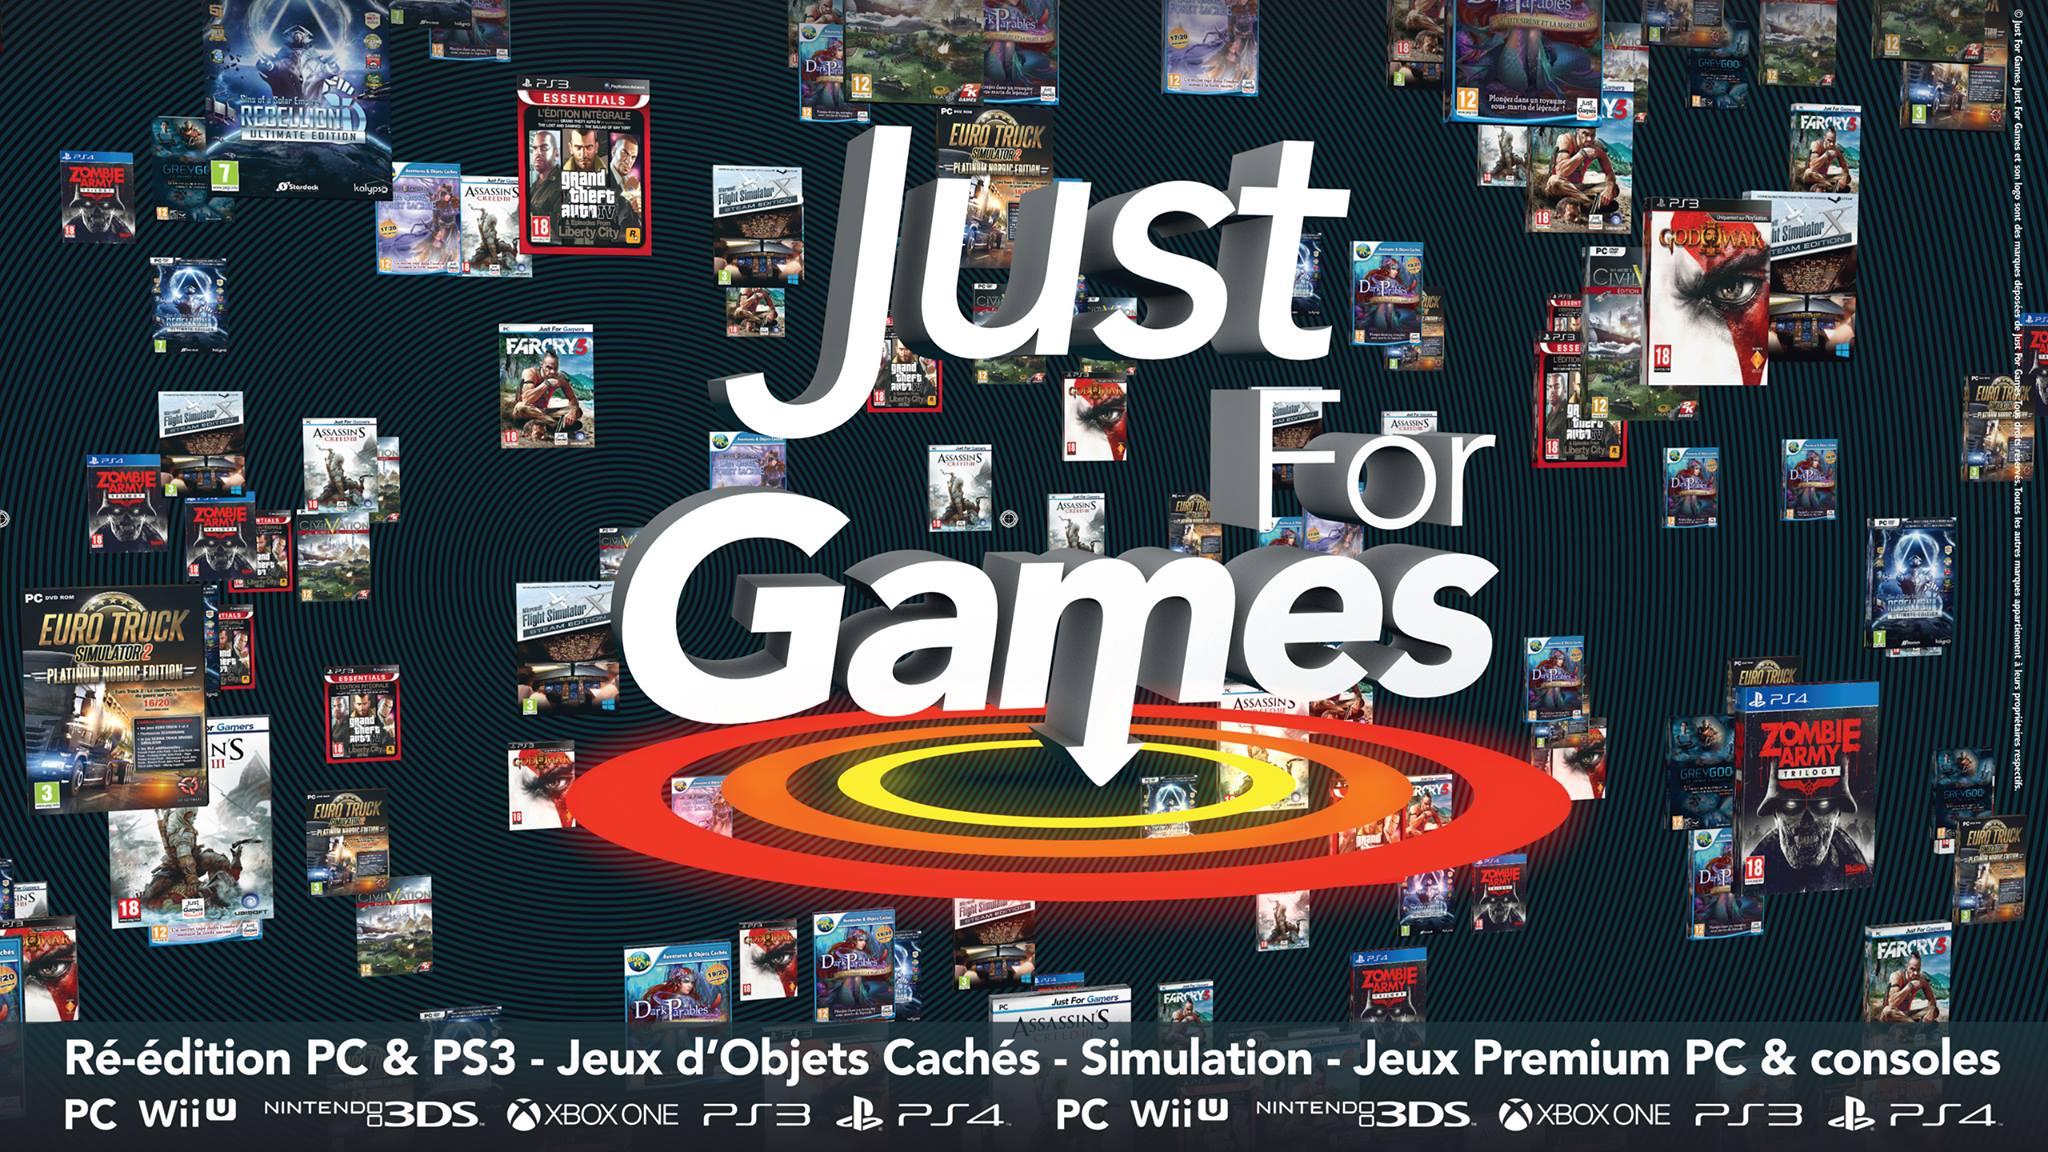 Just For Games – édition, réedition, vente de jeux vidéo pour console et PC pas cher – Dealabs